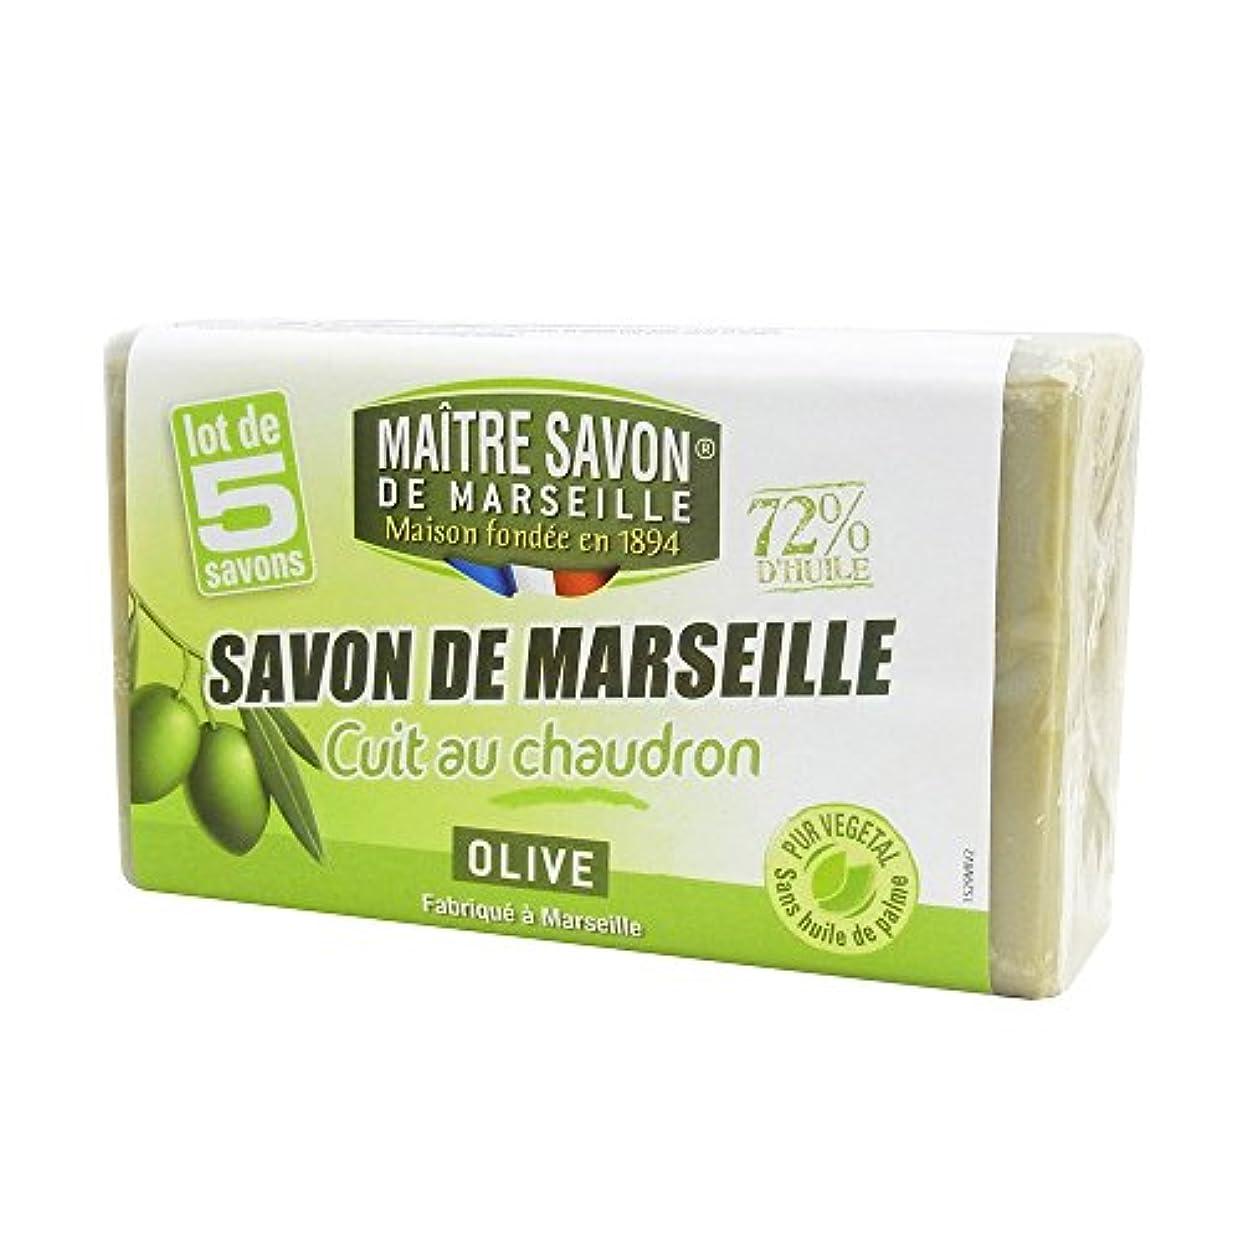 対象嫌いはねかけるMaitre Savon de Marseille(メートル?サボン?ド?マルセイユ) サボン?ド?マルセイユ オリーブ 100g×5個